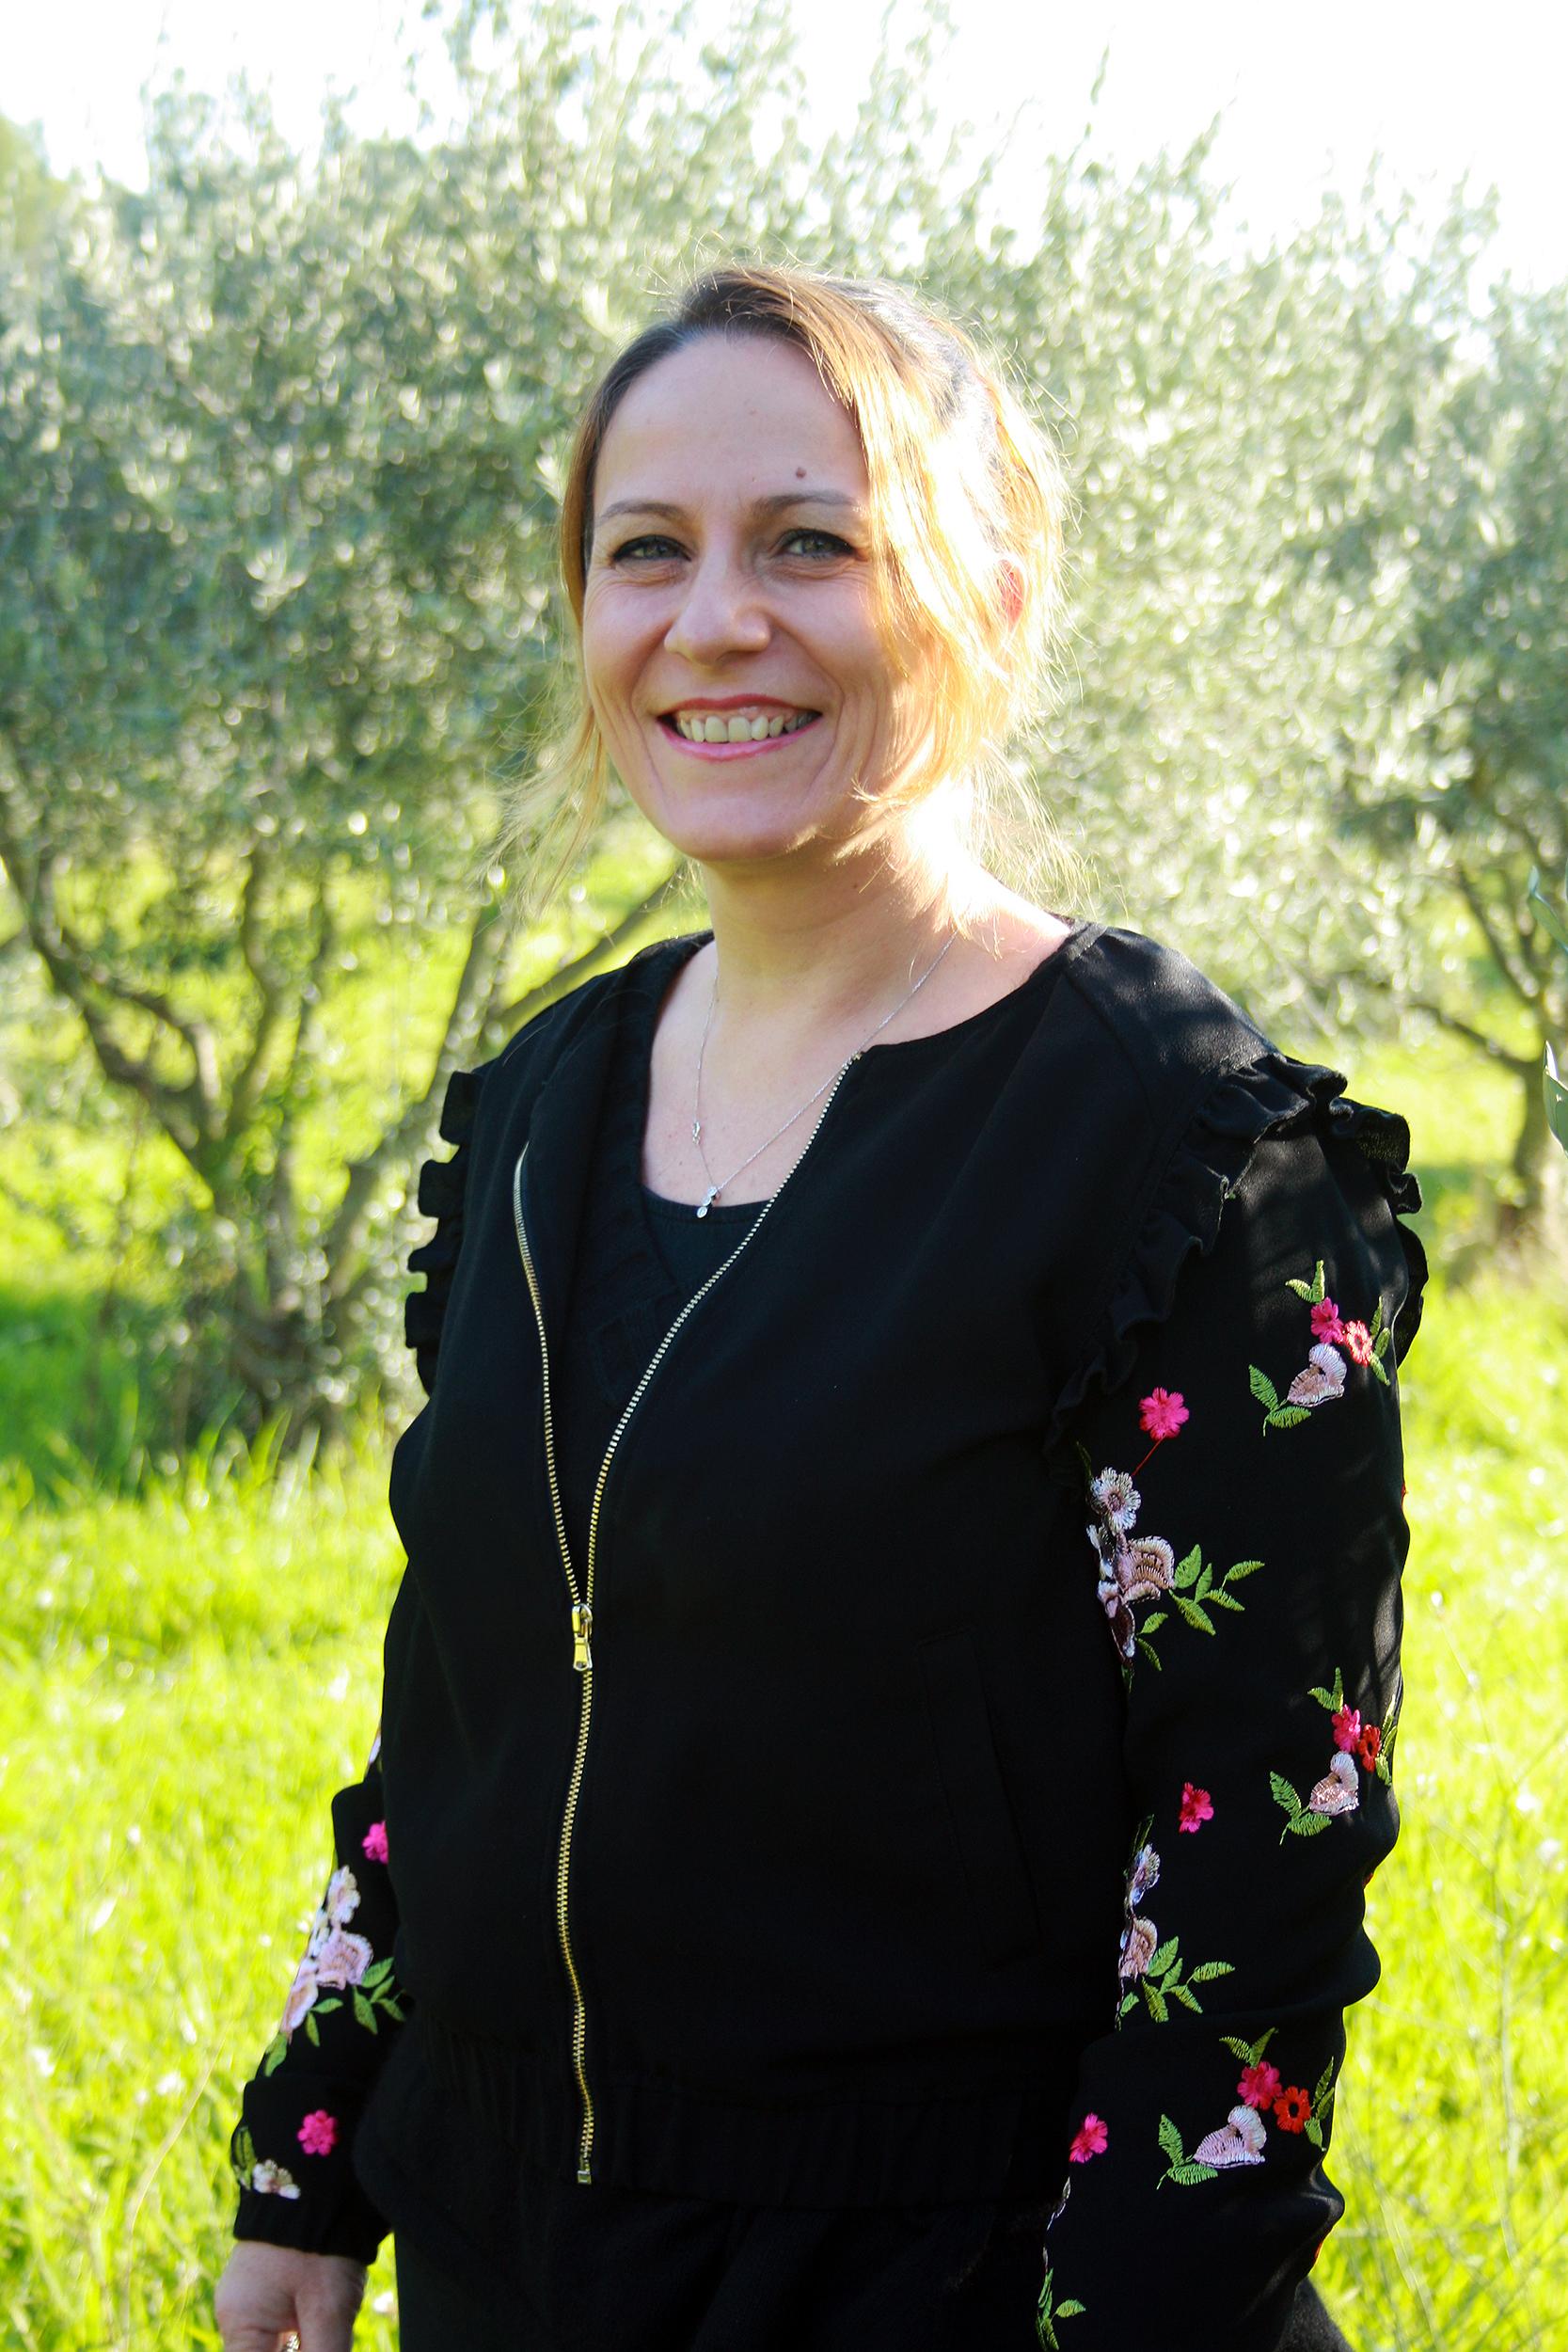 Diplôme certifié de Praticien en Sophrologie obtenu à l'école de Sophrologie Aix-Marseille. Spécialisation : Accompagnement à la maternité et à la parentalité par la Sophrologie, FIV et PMA. Certification obtenue à l'école de sophrologie Aix Marseille